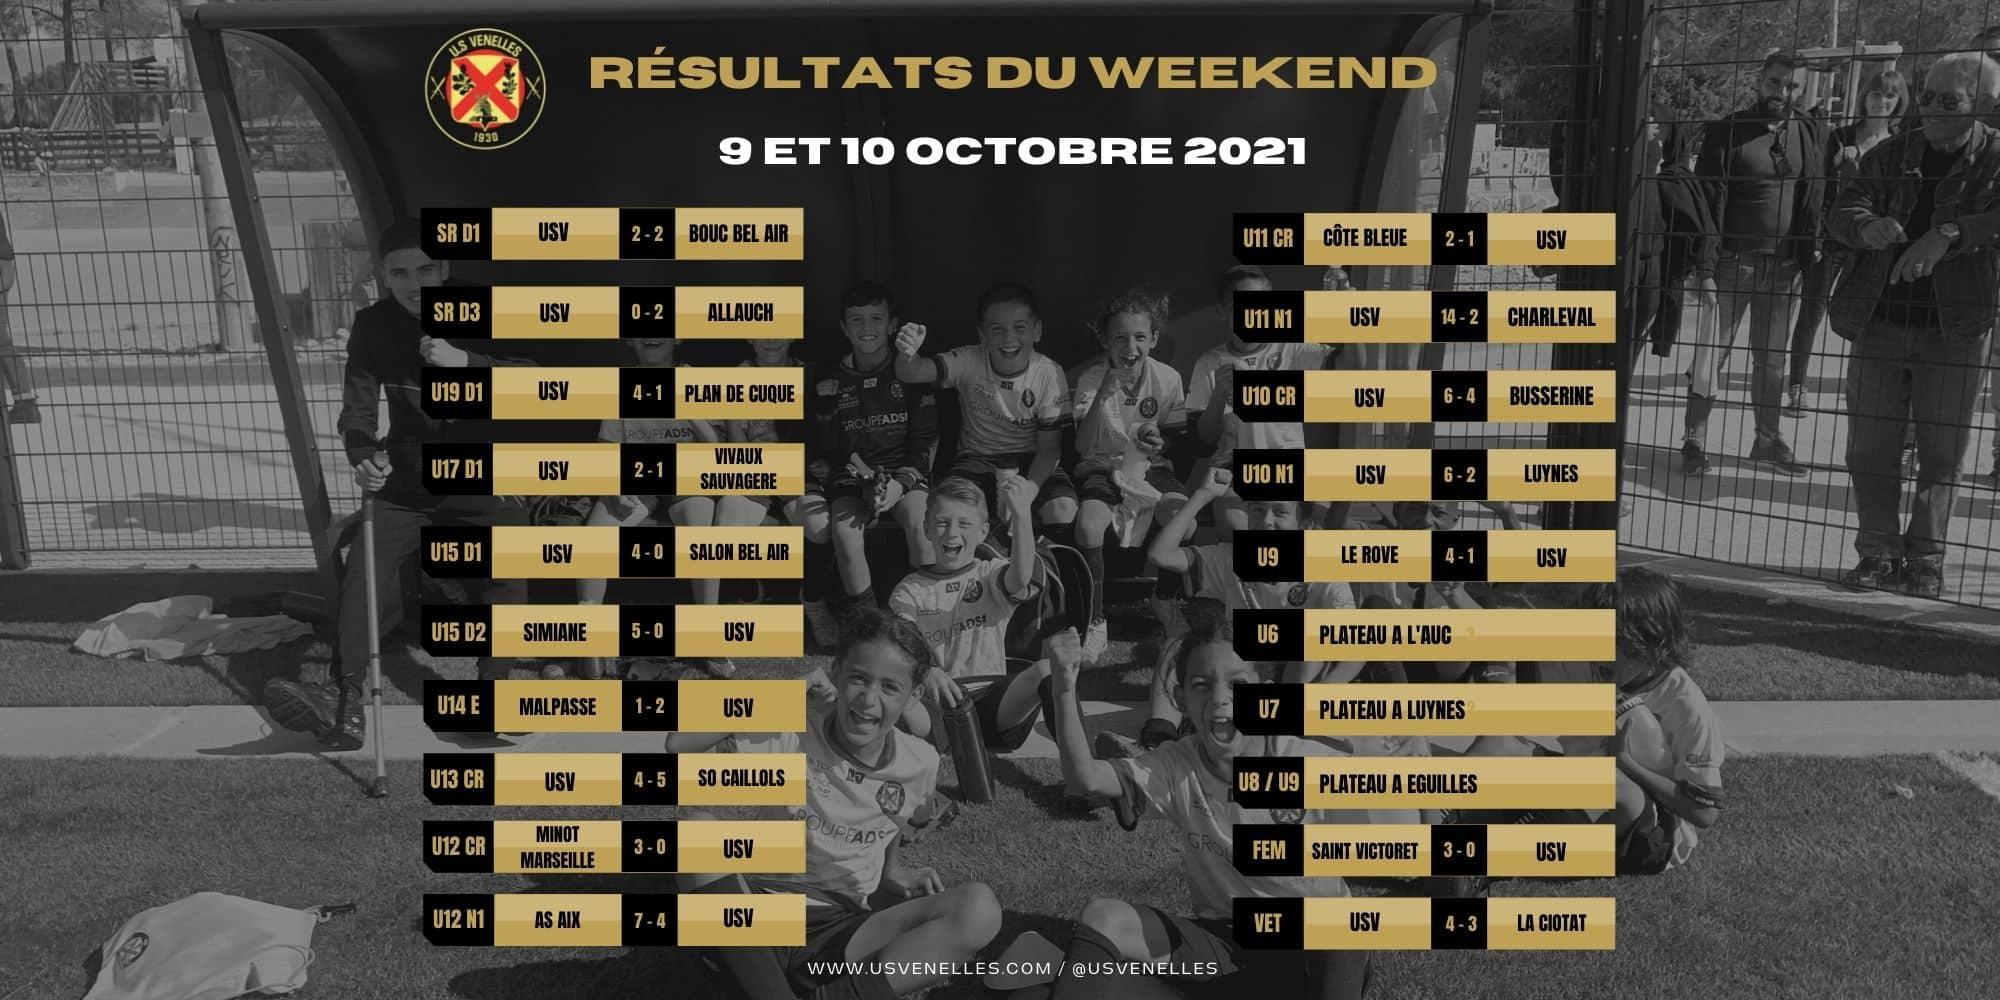 Résultats du weekend 9 et 10 Octobre - USV